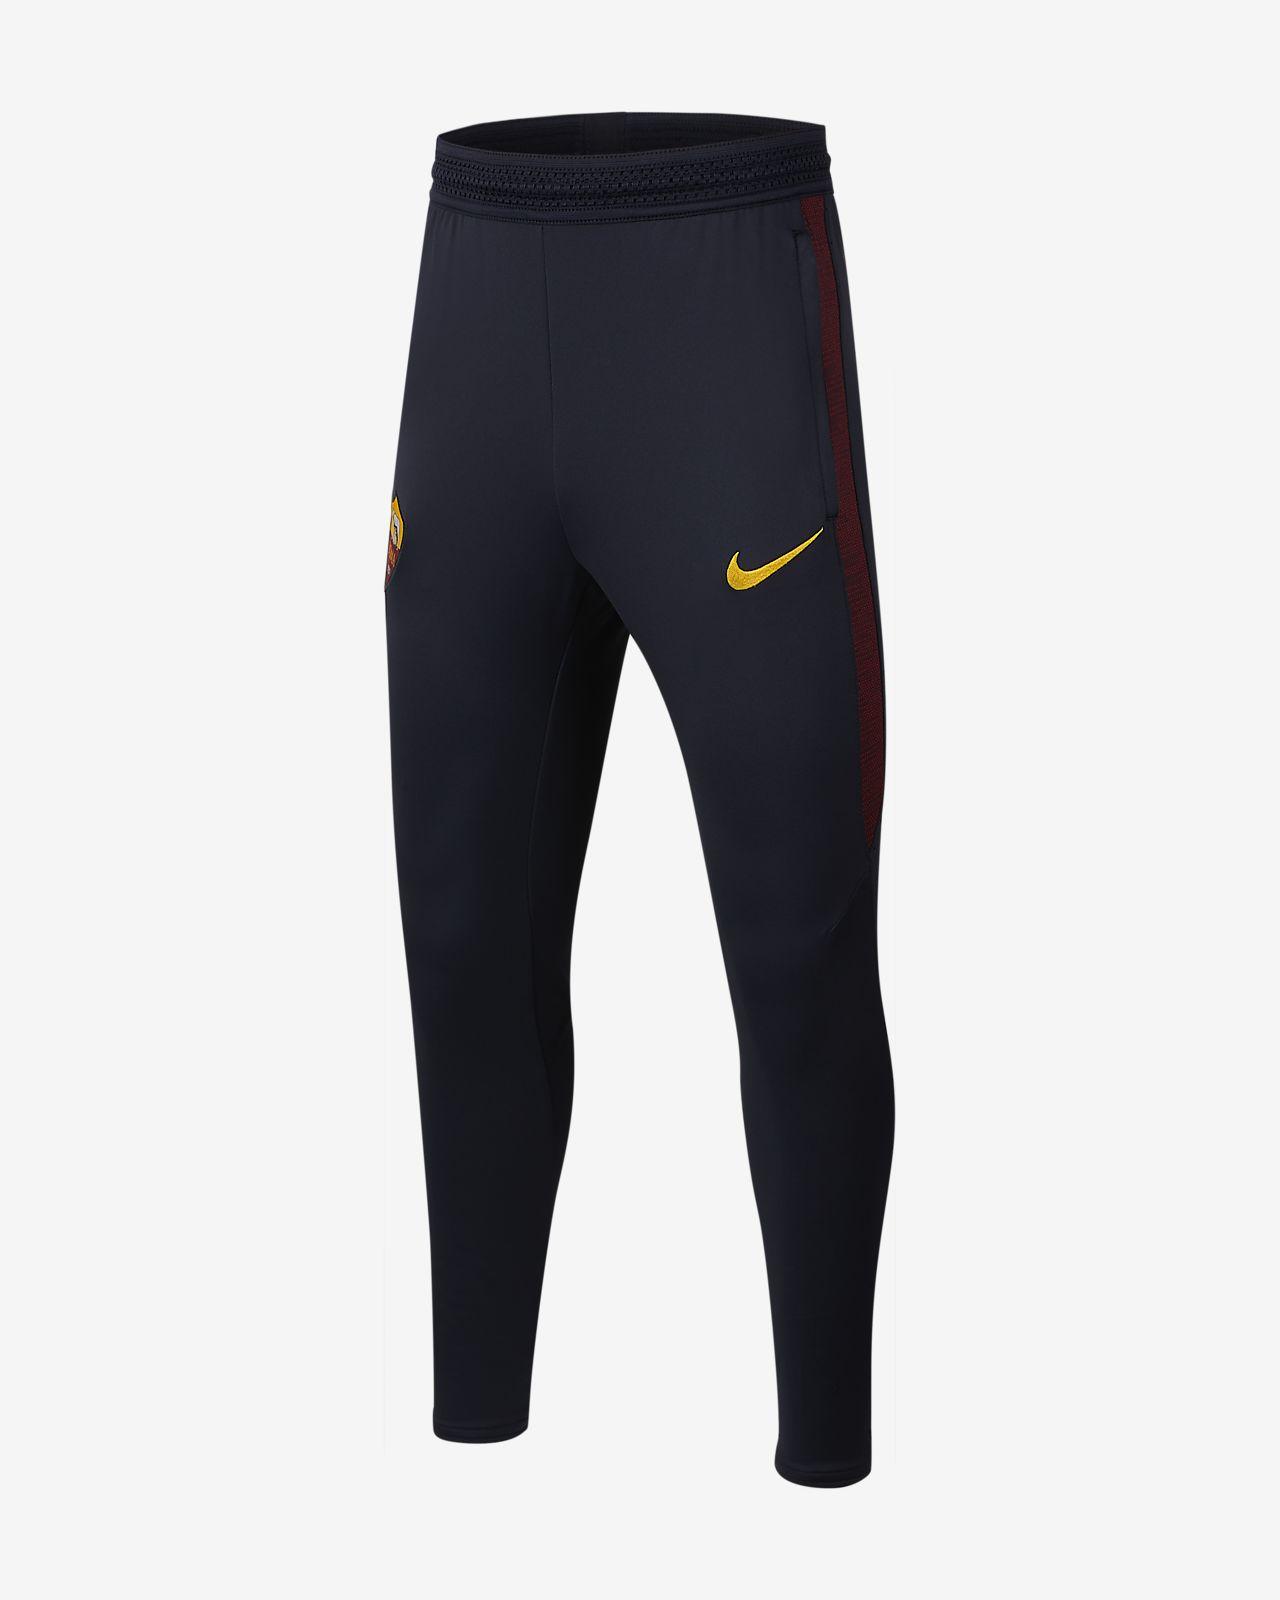 Nike Dri-FIT A.S. Roma Strike fotballbukse til store barn